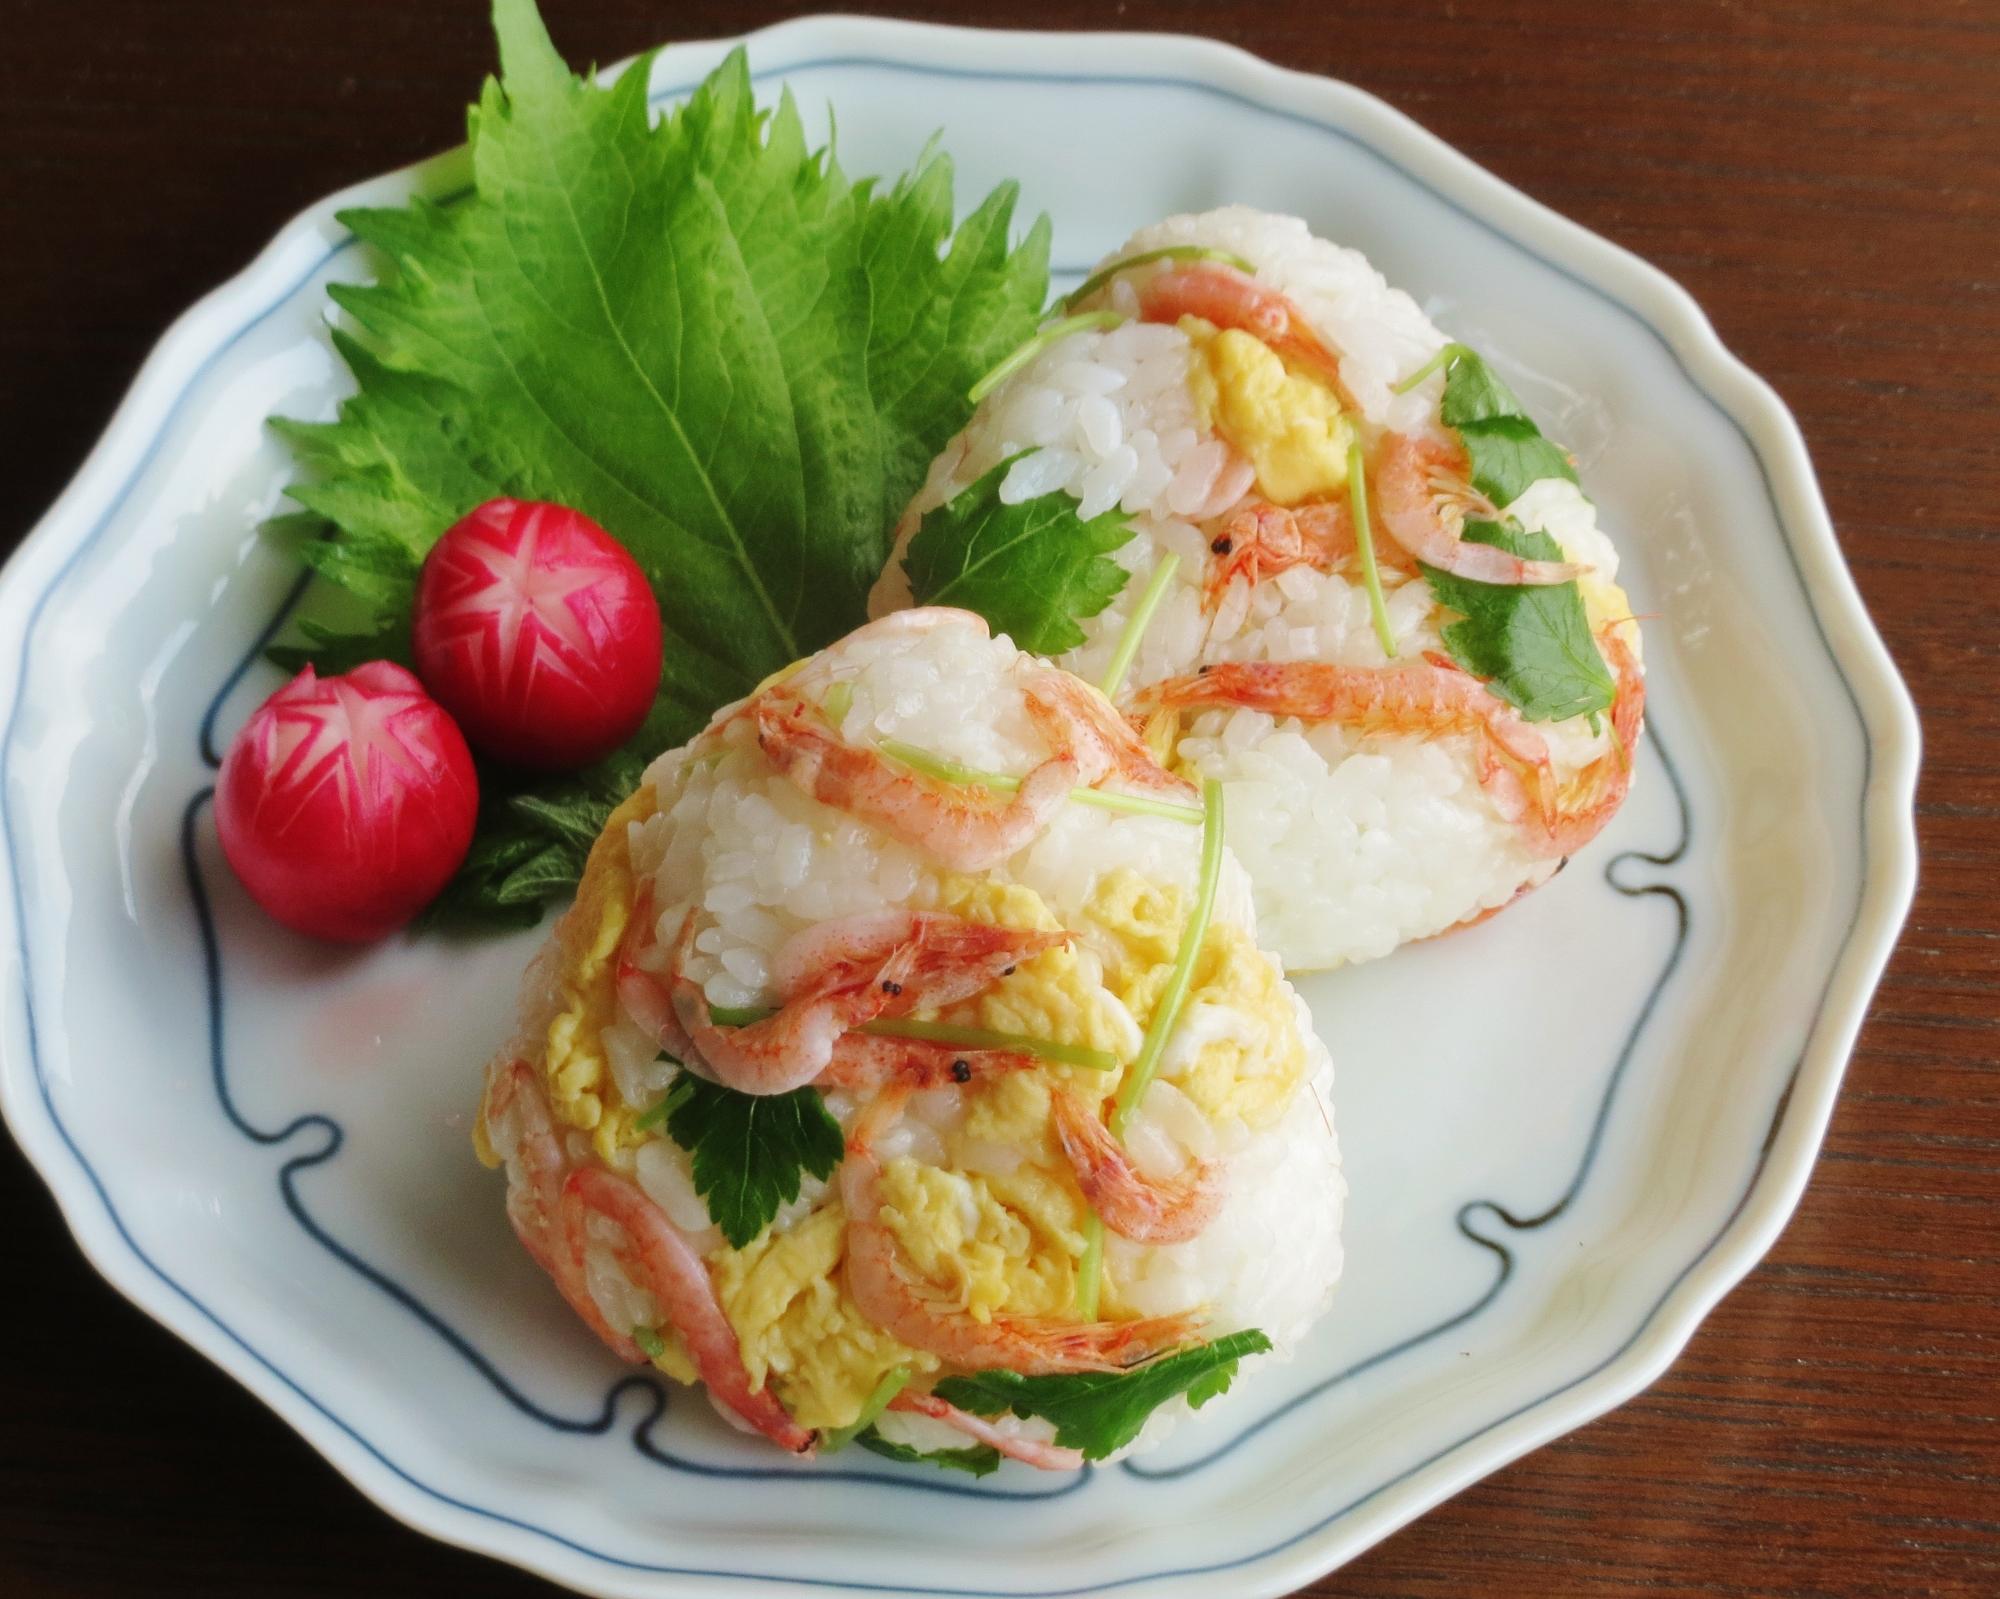 桜えびと三つ葉炒り卵のおにぎり